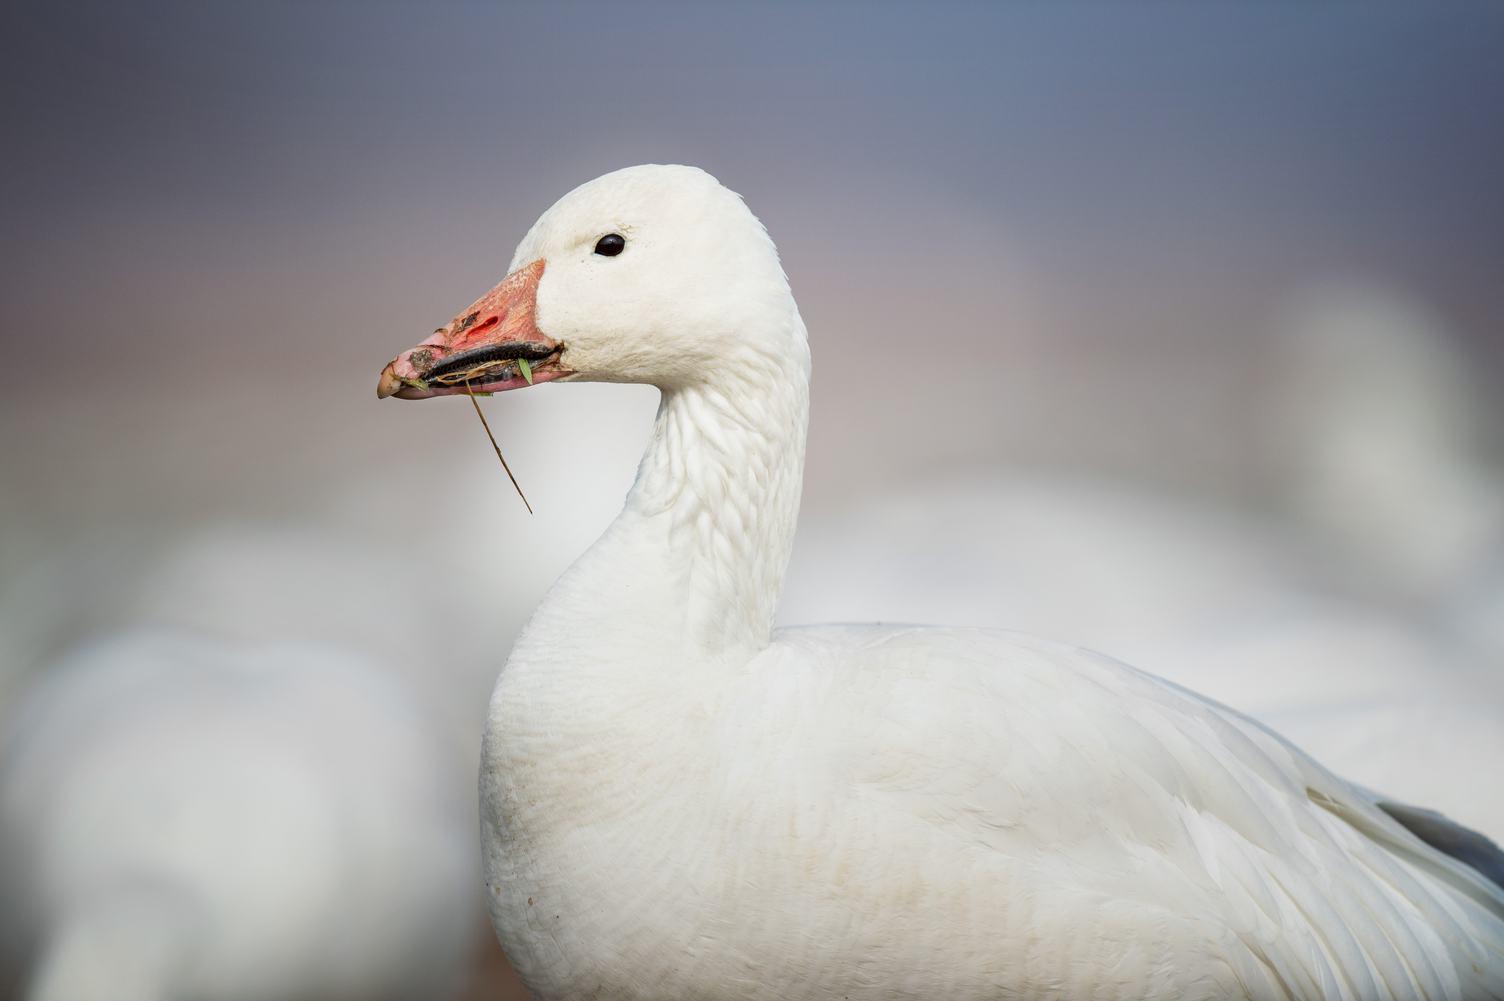 White Goose Portrait Close Up